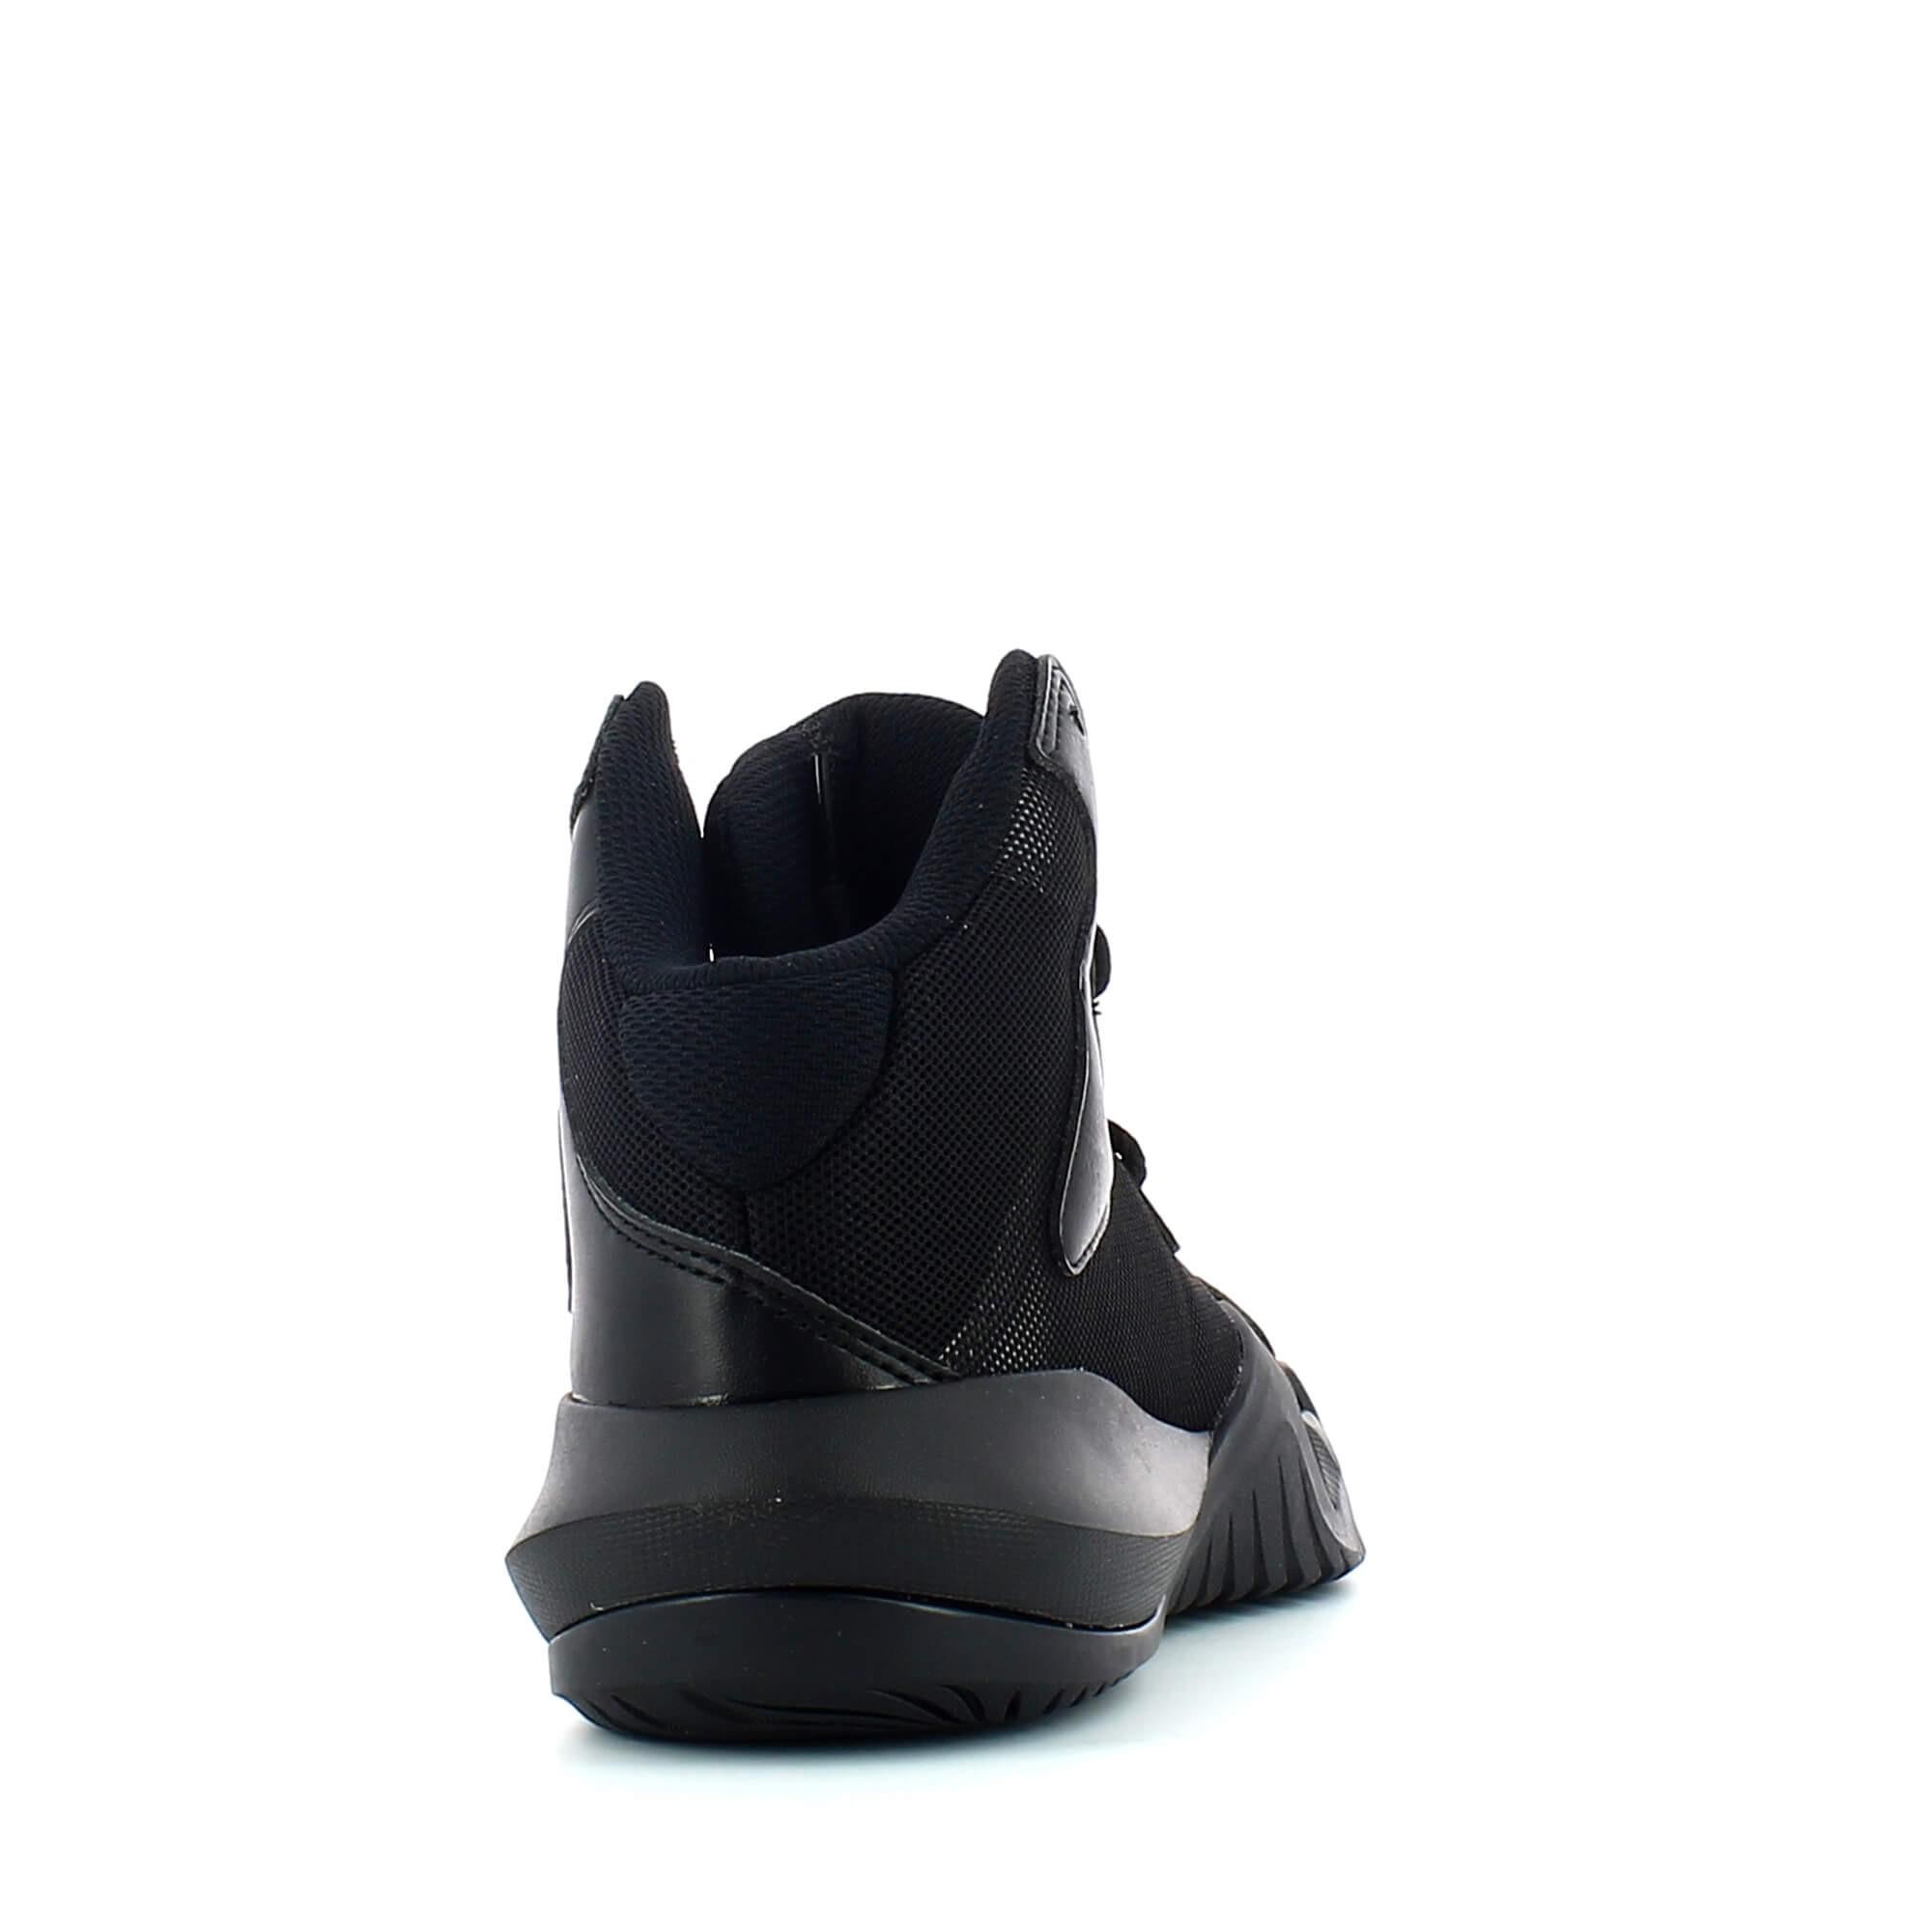 572bd031c00 Zapatillas Adidas Crazy Team K Negro Junior - Deportes Moya